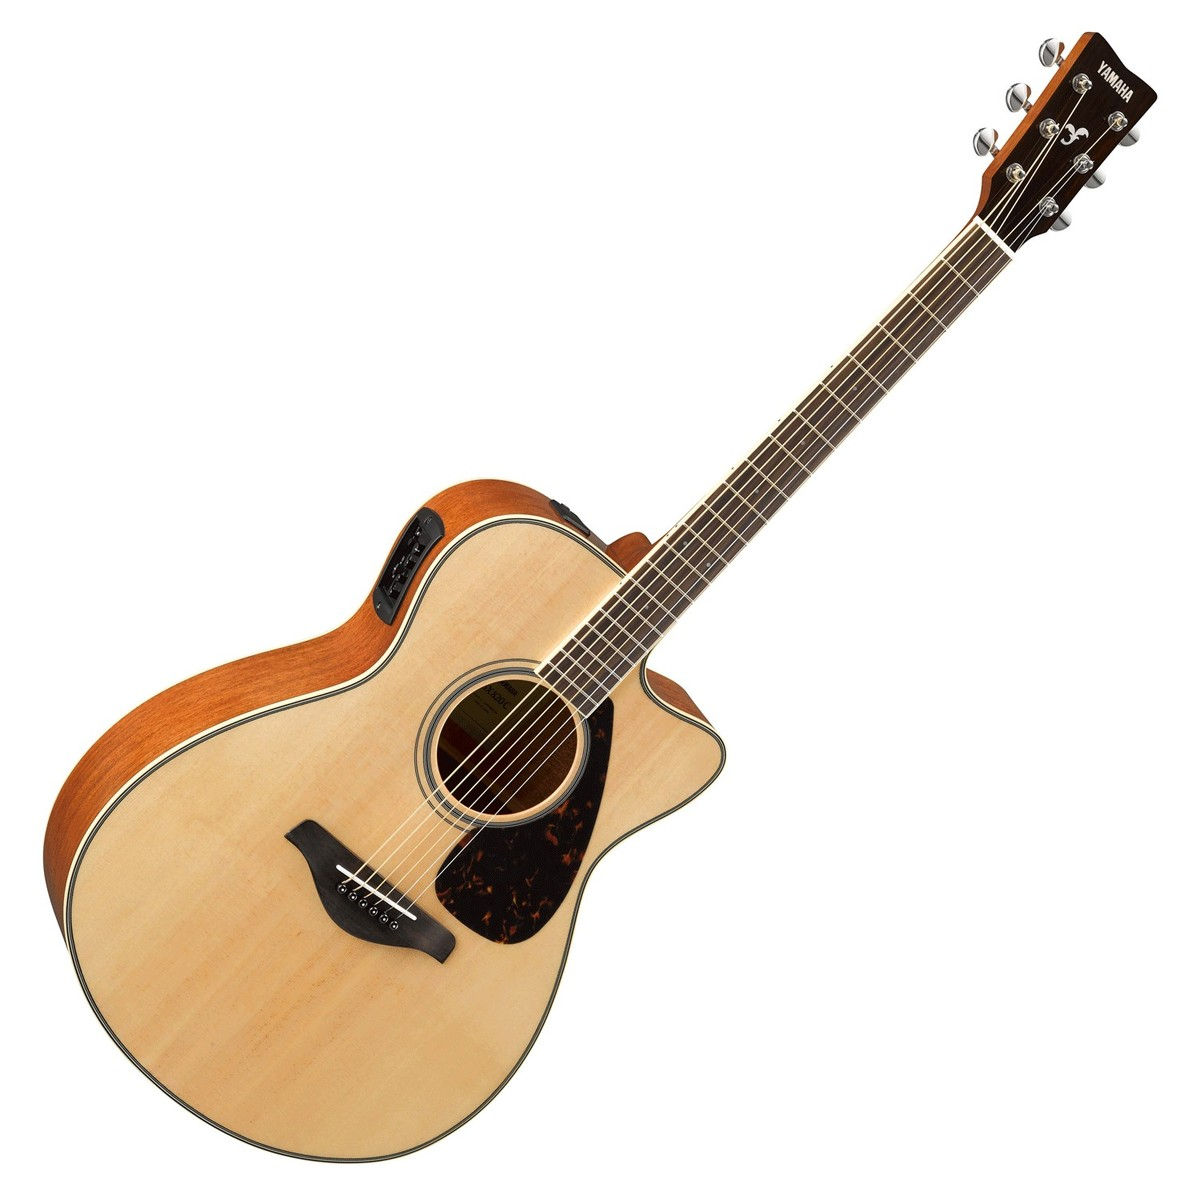 Yamaha fsx820c electro acoustic guitar natural at for Acoustic yamaha guitar